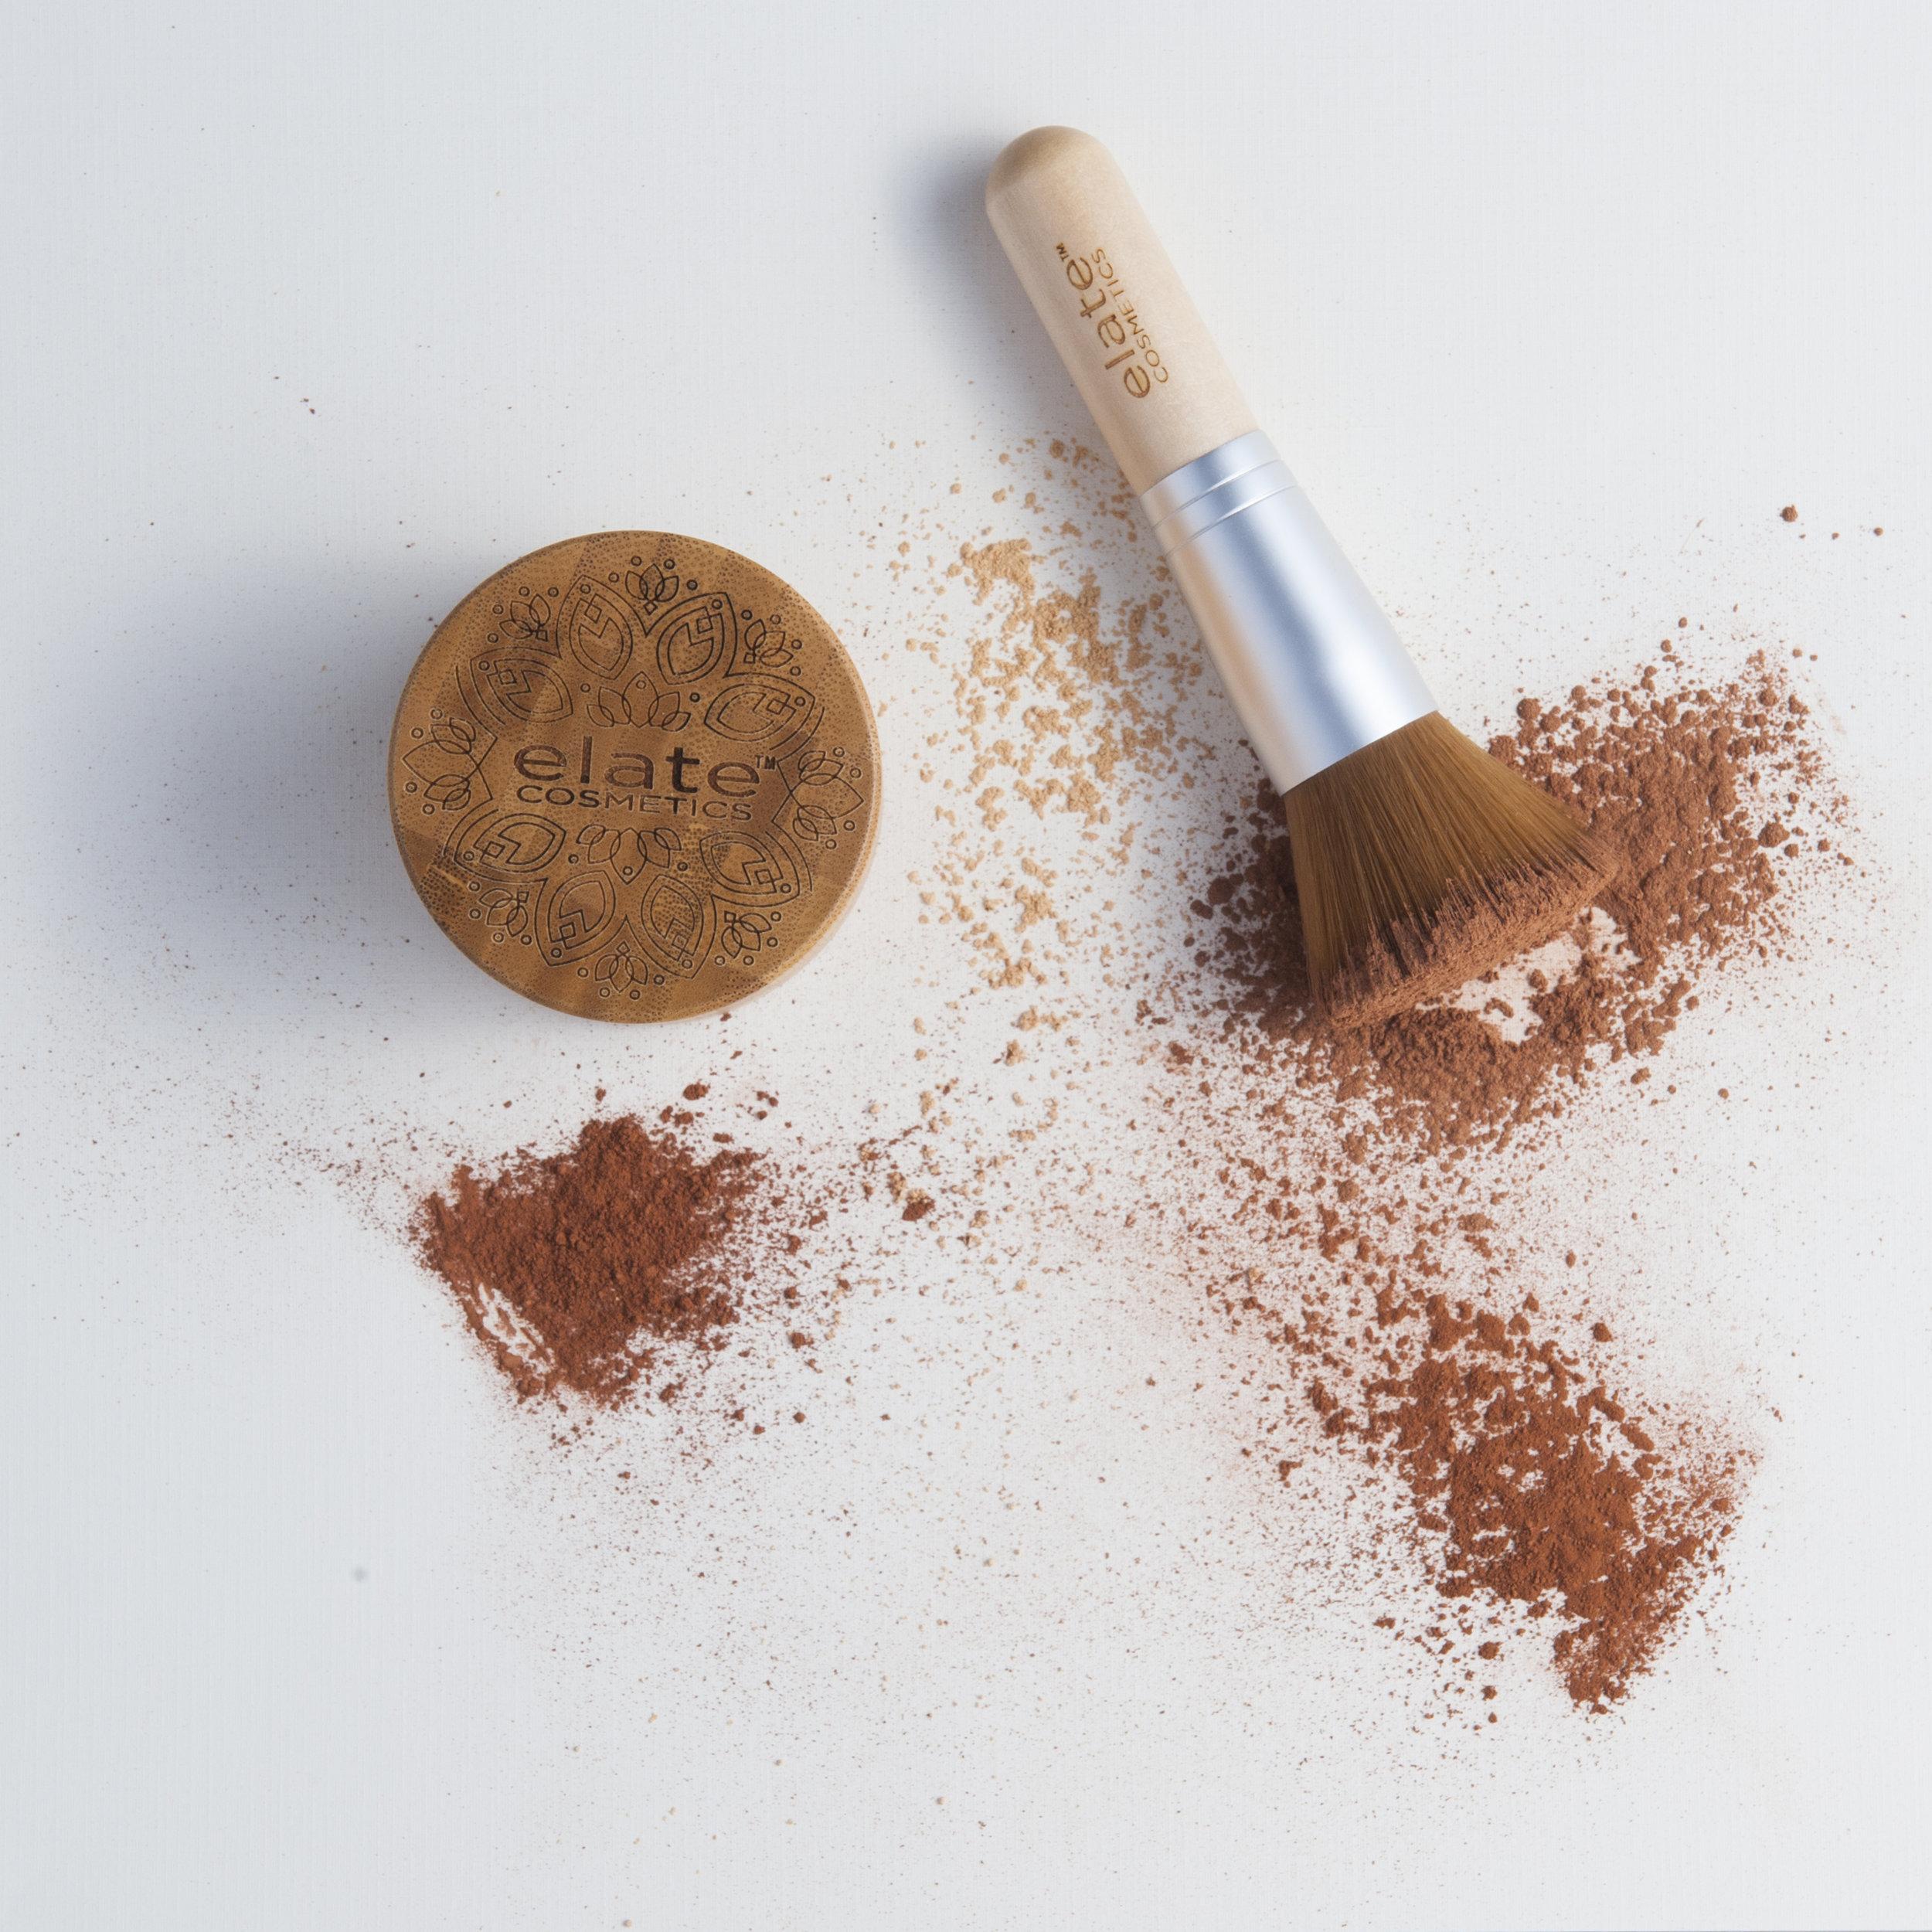 Loose Powders and Multi Use elate melodie reynolds beauty entrepreneur we rule werule justyna kedra girlboss inspiration story sustainable.jpg